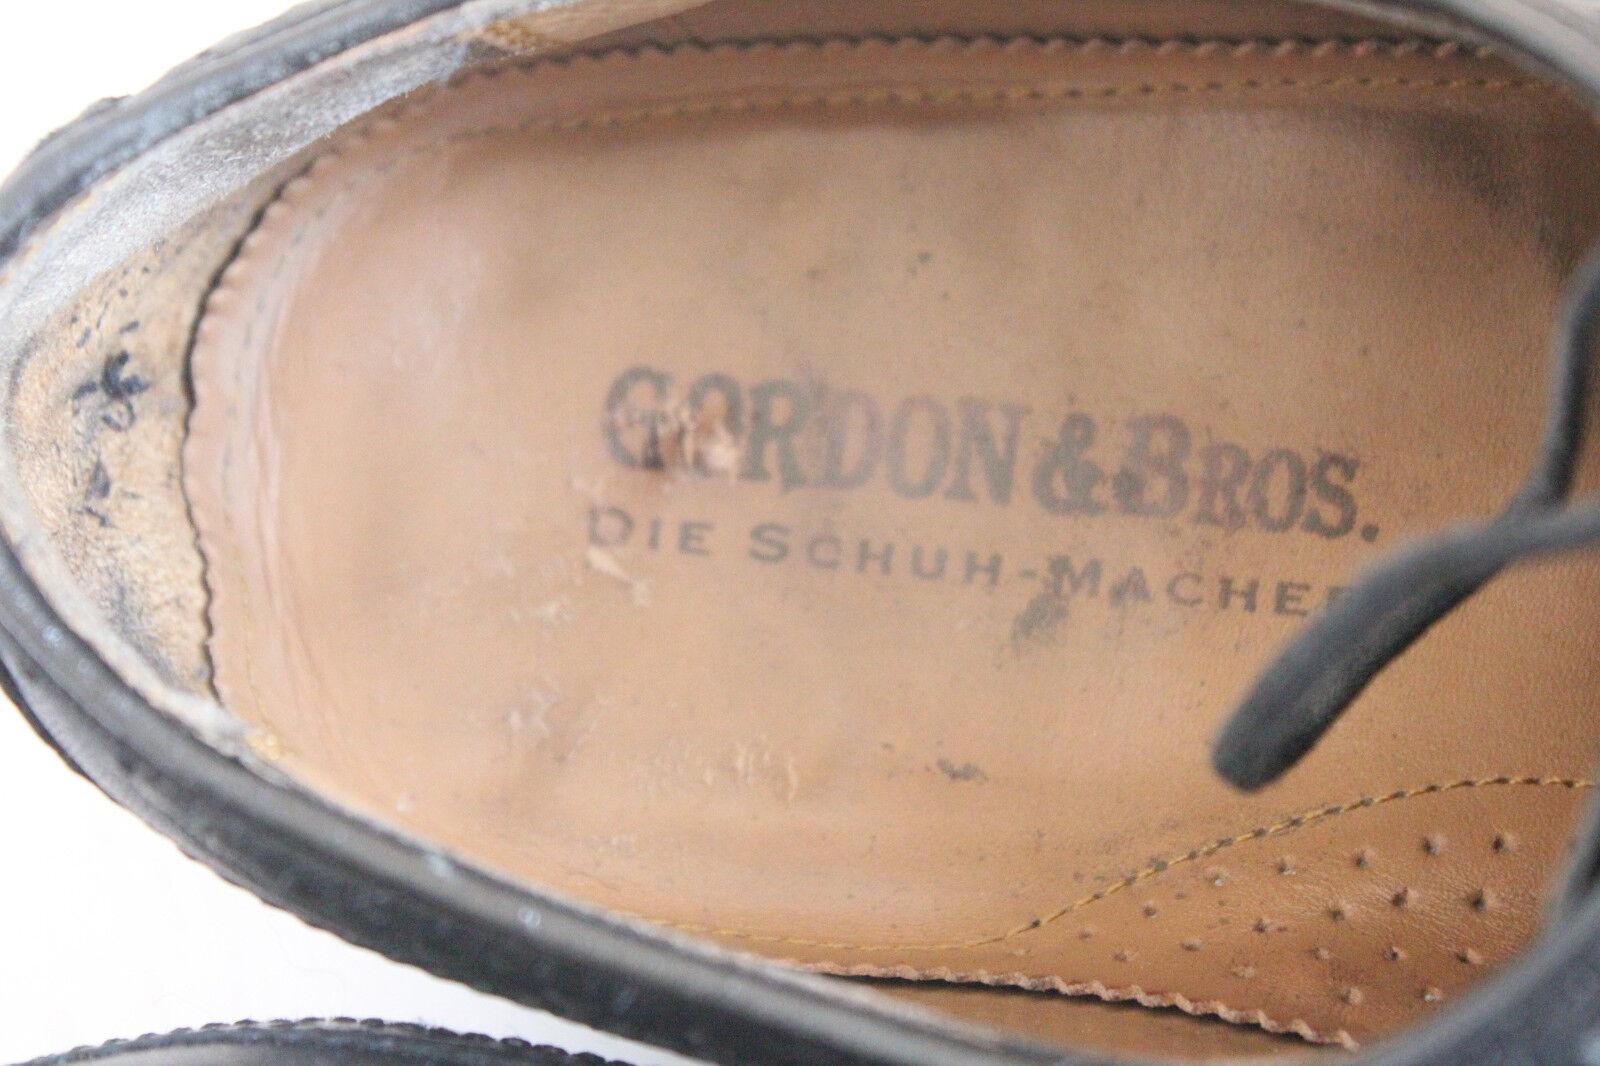 Gordon&Bross Elegante Budapesterschuhe Budapesterschuhe Budapesterschuhe voll Echtleder Schwarz Eu:45,5 5fae1c